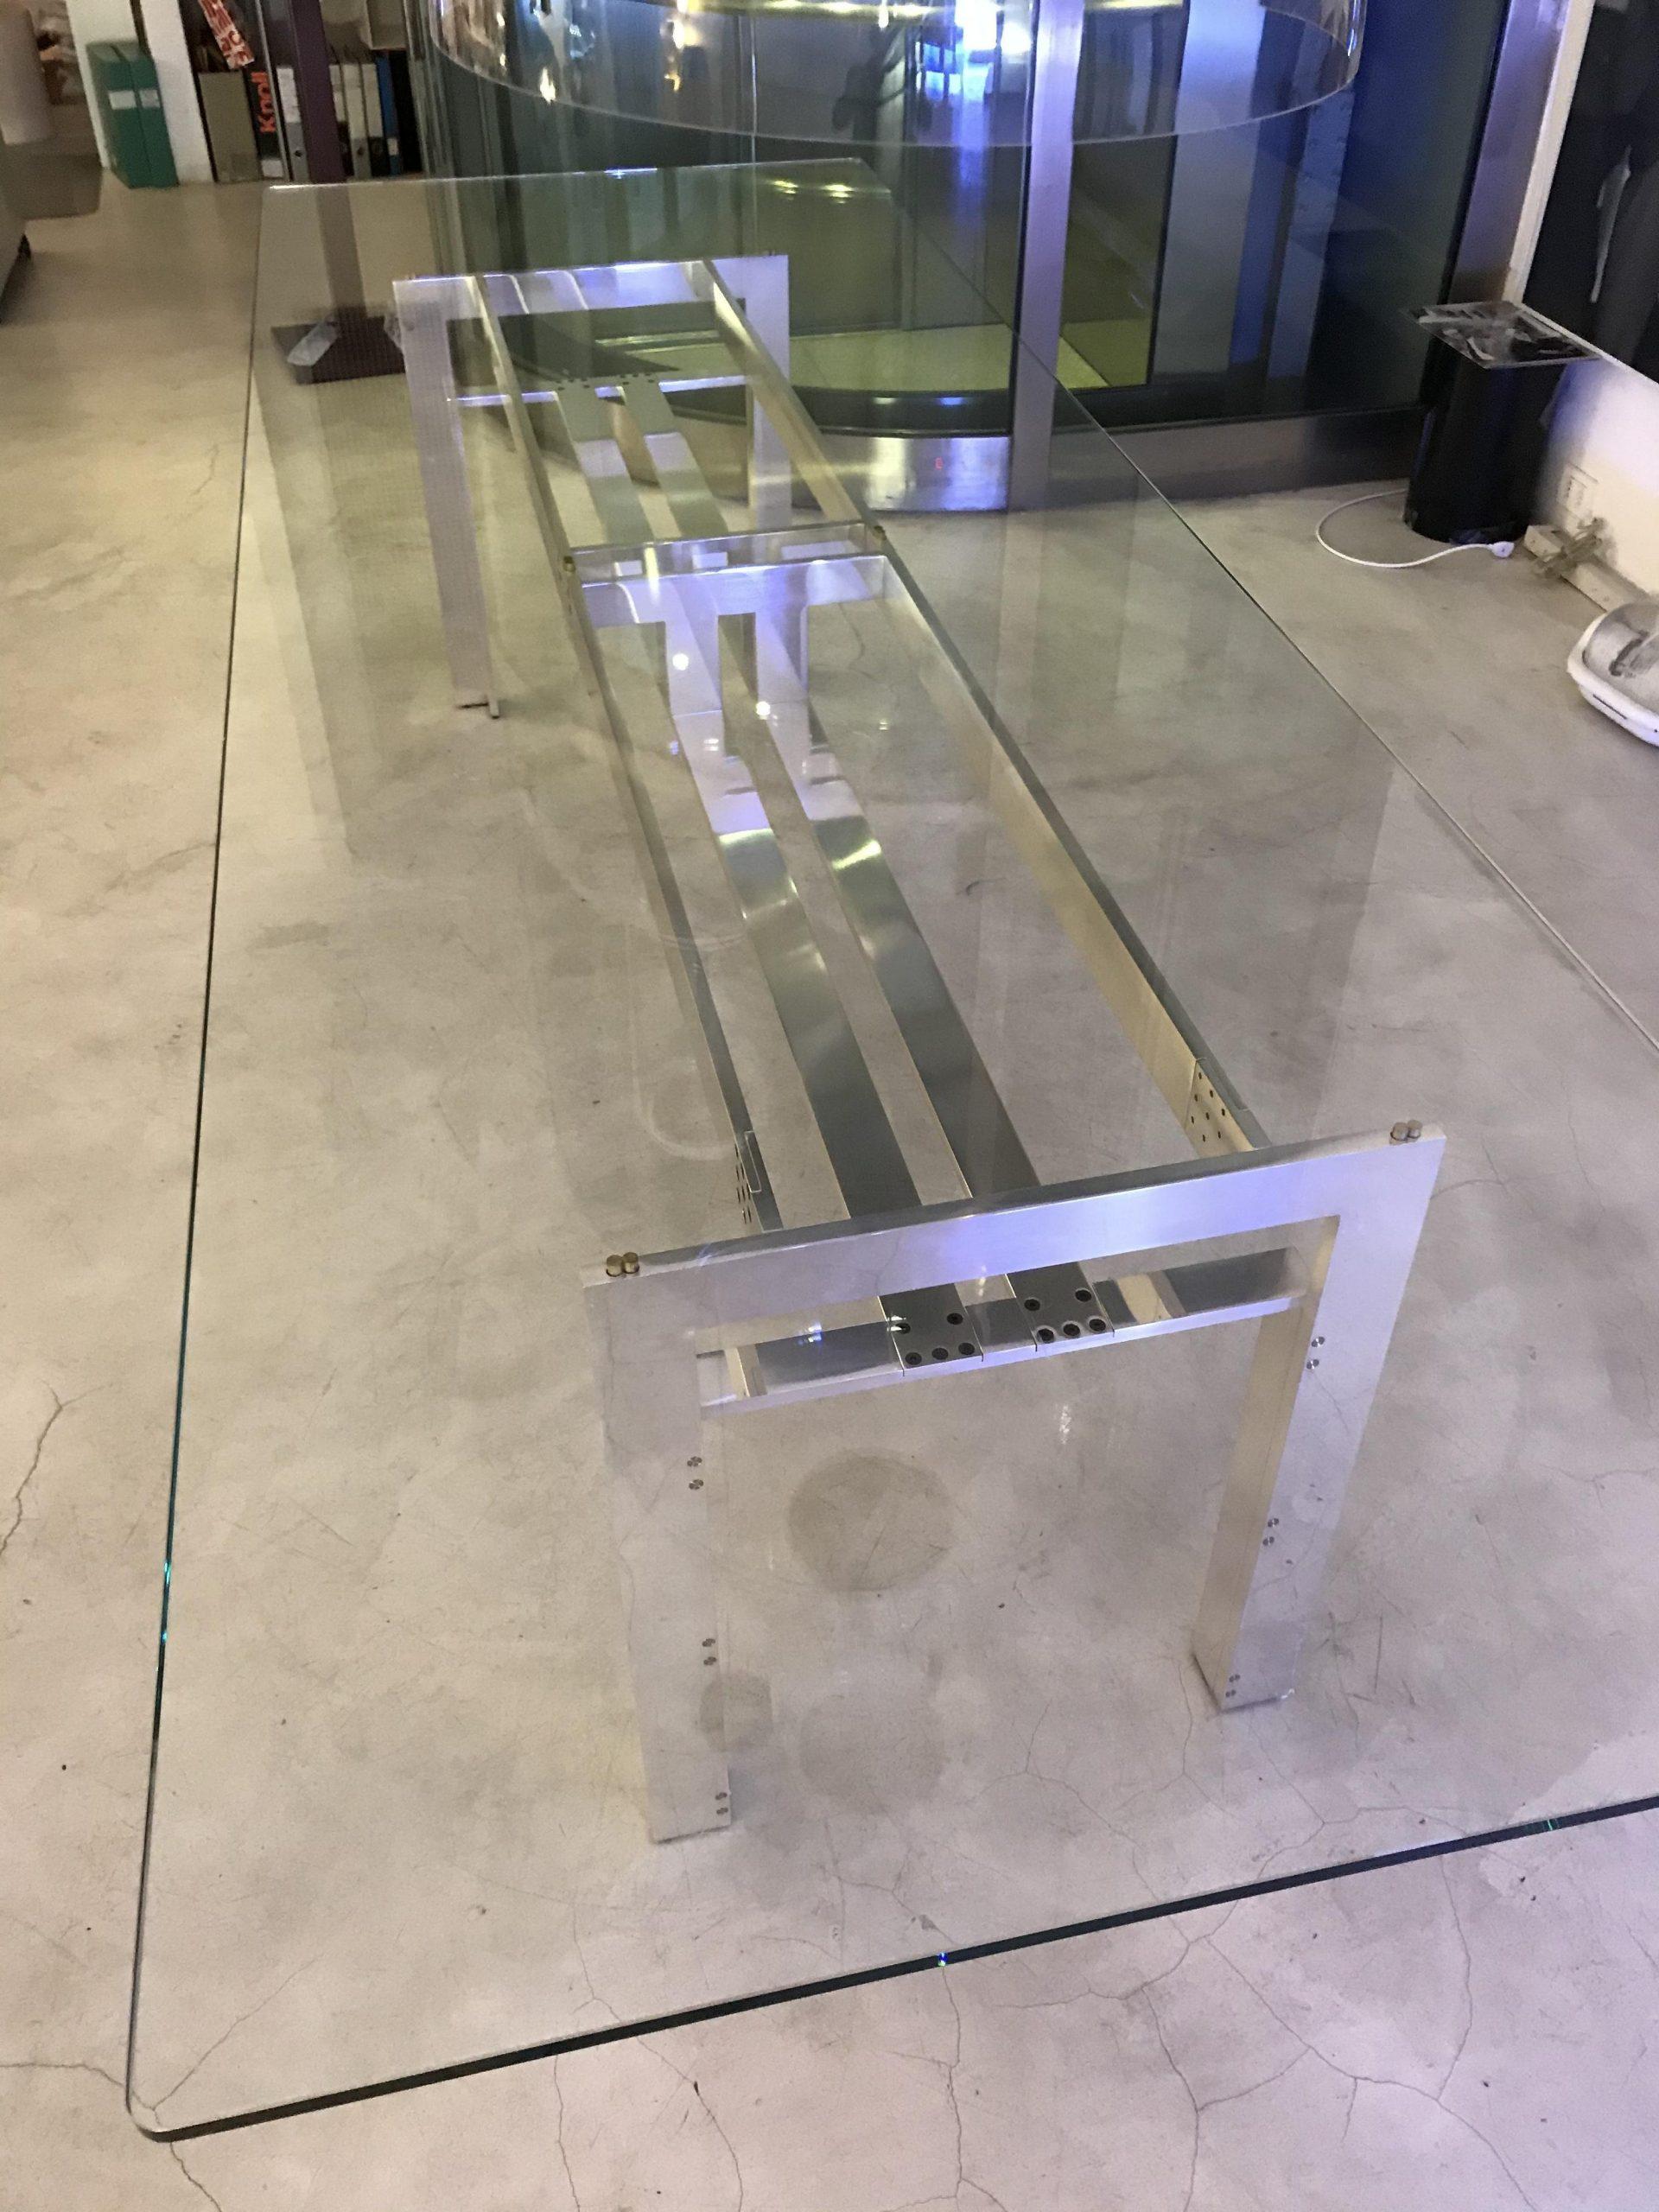 테이블 Carlo Scarpa 오리지널 디자인 이탈리아에서 만든 Doge Simon